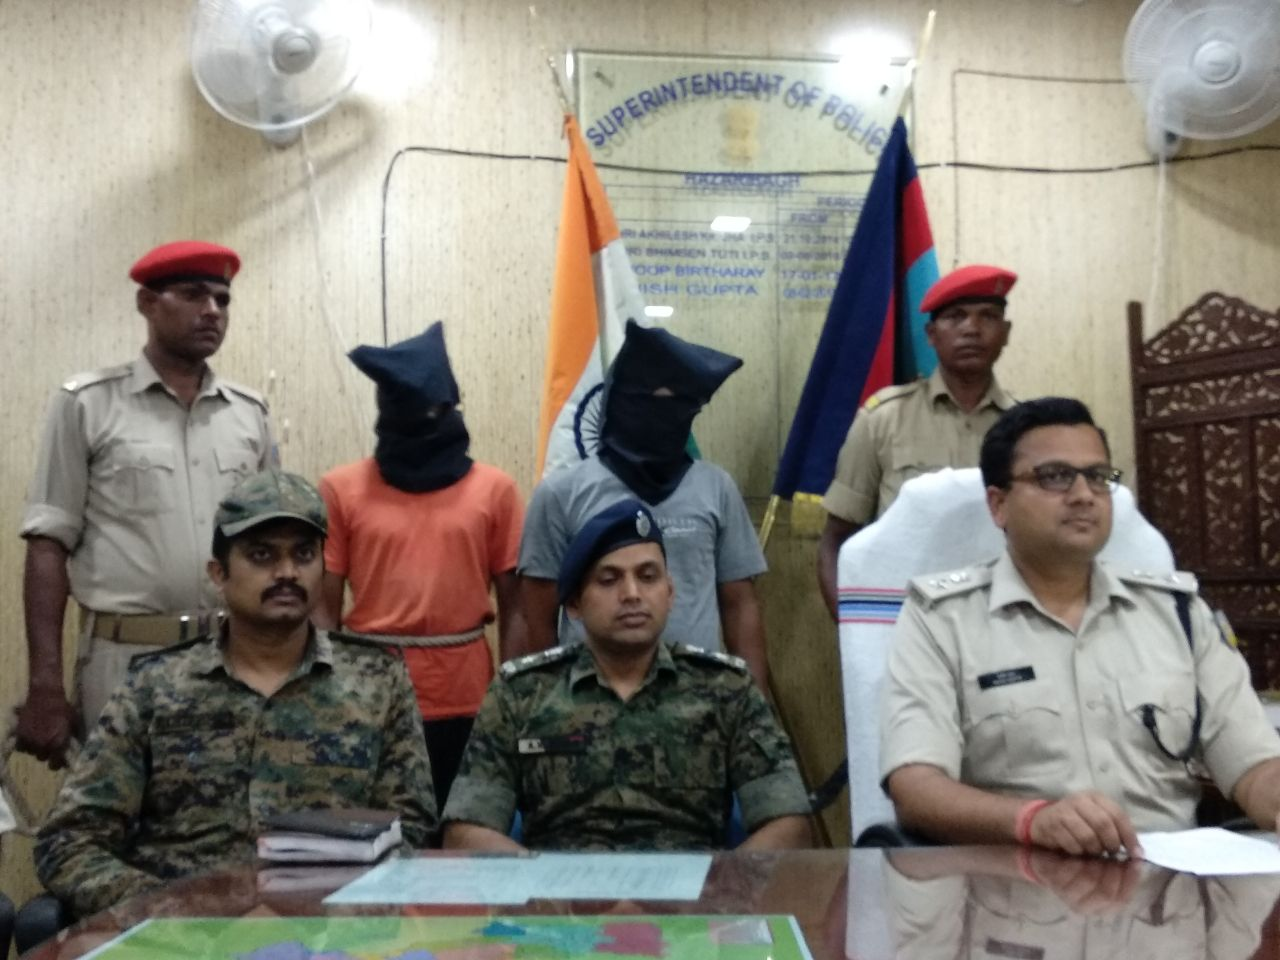 <p>हज़ारीबाग पुलिस व CRPF के संयुक्त अभियान में को गुप्त सूचना के आधार पर JPC नक्सली संगठन के सुप्रीमो दसरथ यादव सहित एक सक्रिय सदस्य रवि कुमार को गिरफ्तार किया था । इनके पास के एक…